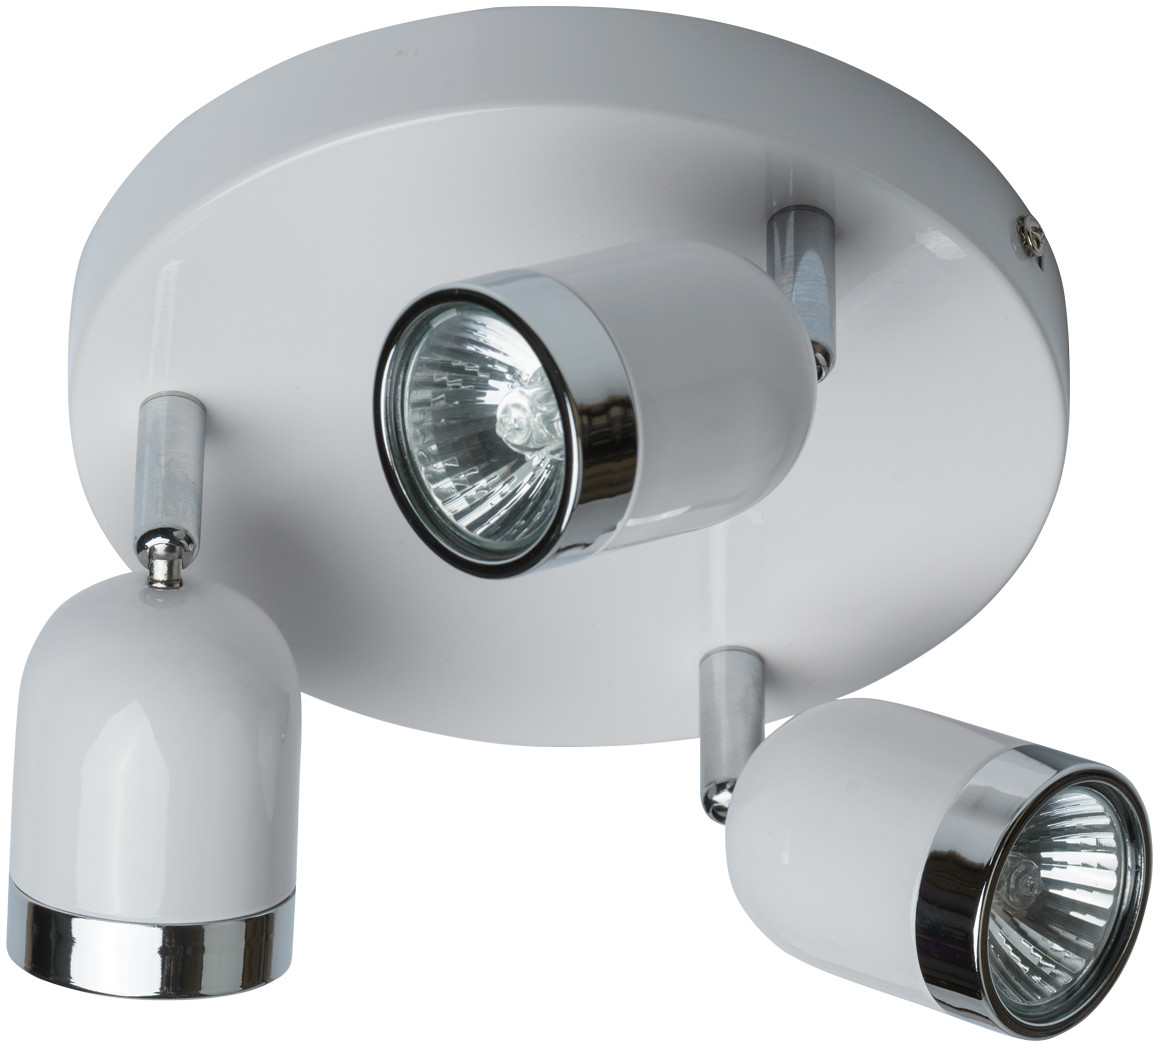 MW-LIGHT Potrójny spot sufitowy regulowany, biały MW-LIGHT Techno 546020703